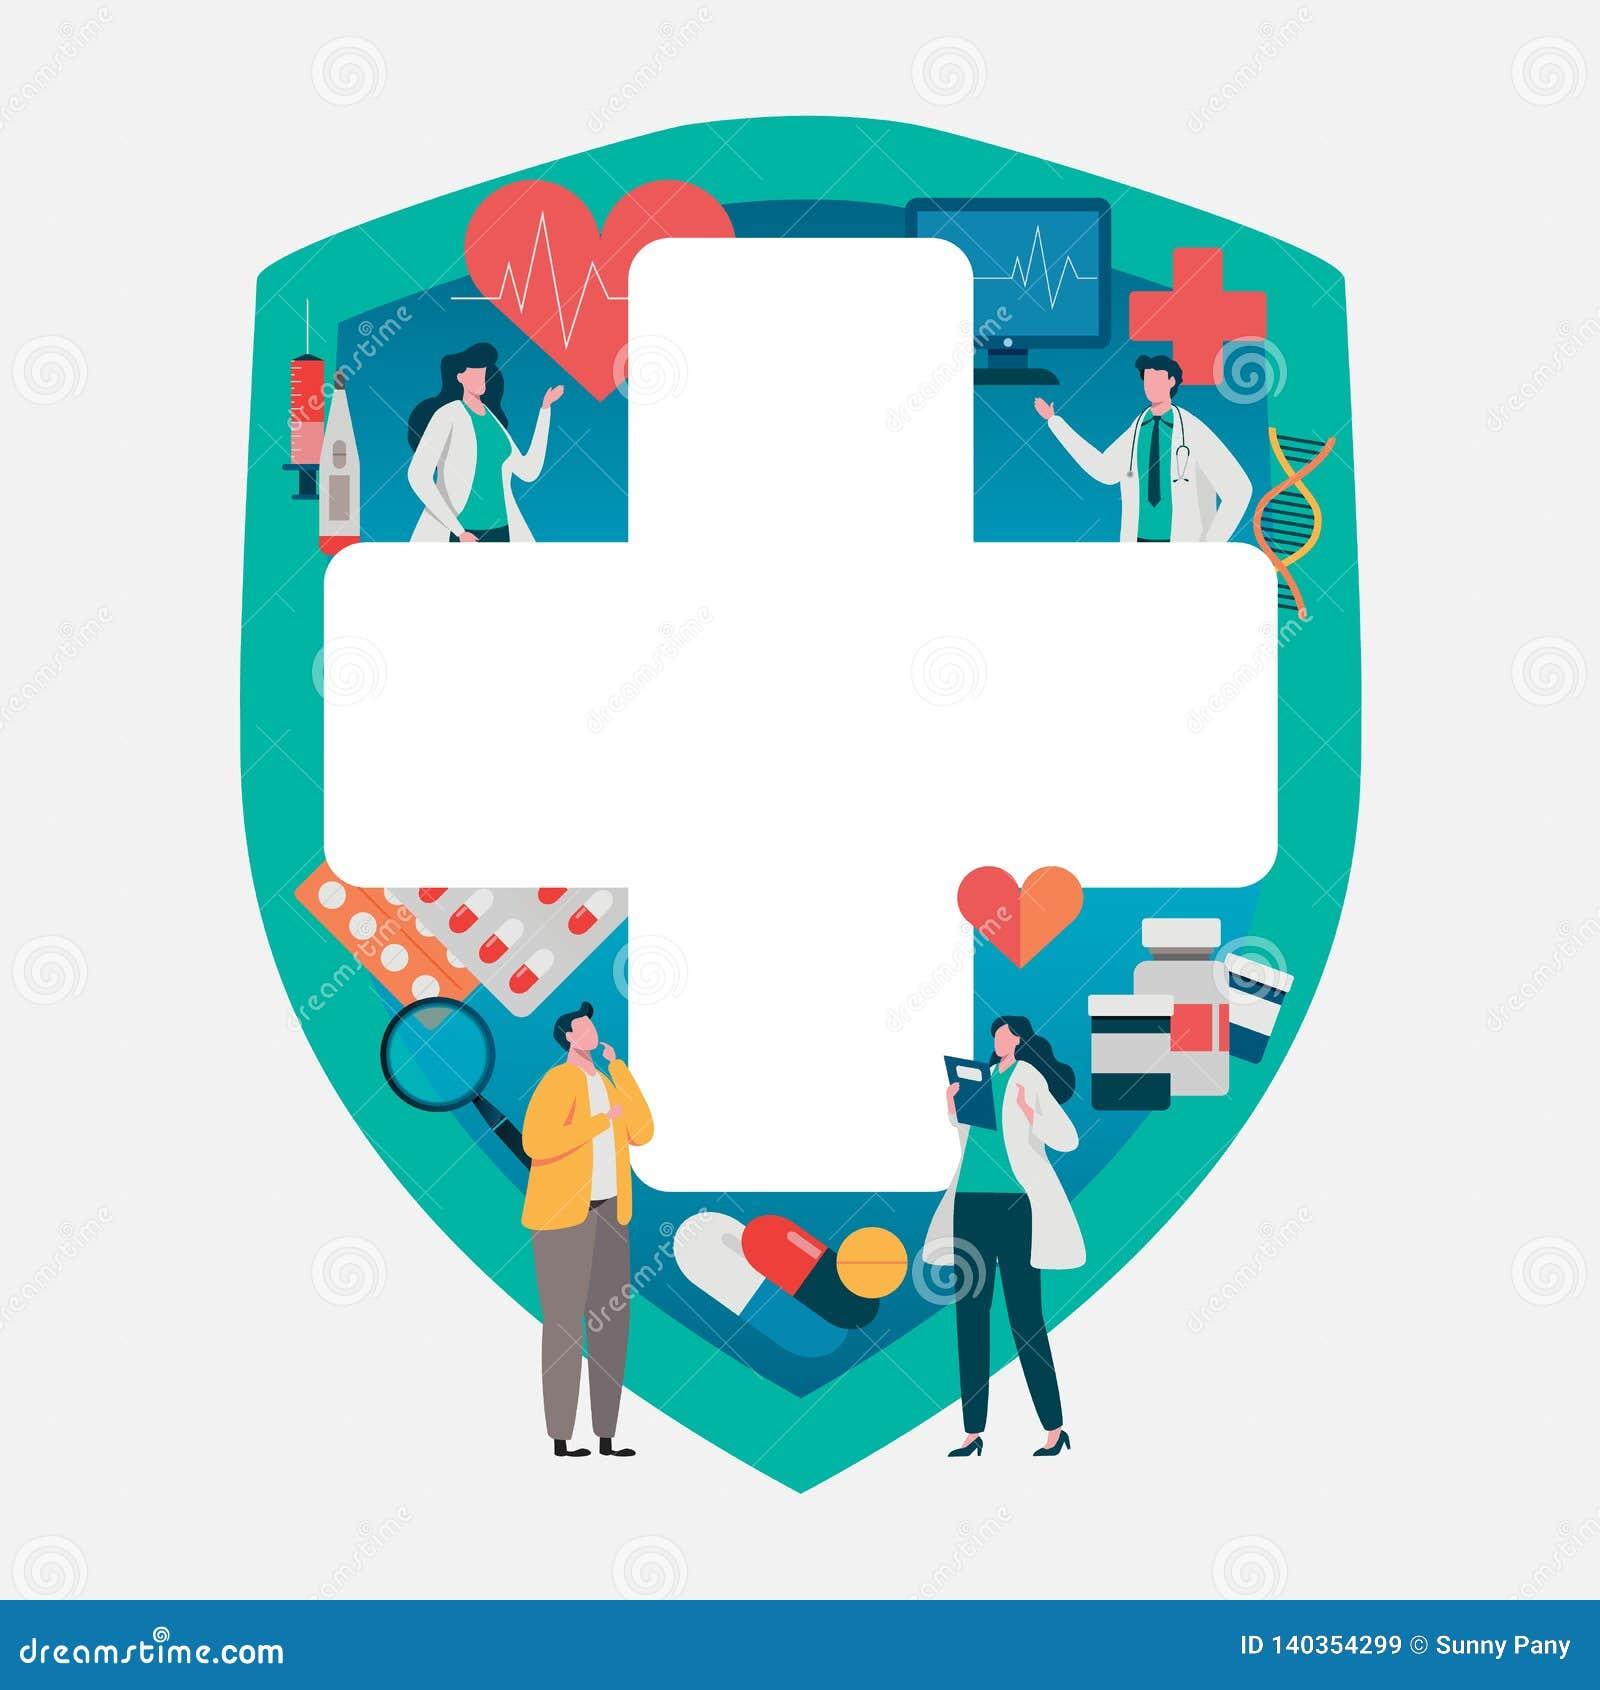 Cierpliwa konsultacja lekarka Opieki zdrowotnej pojęcie, zaopatrzenie medyczne Zdrowy zastosowanie Płaska wektorowa ilustracja